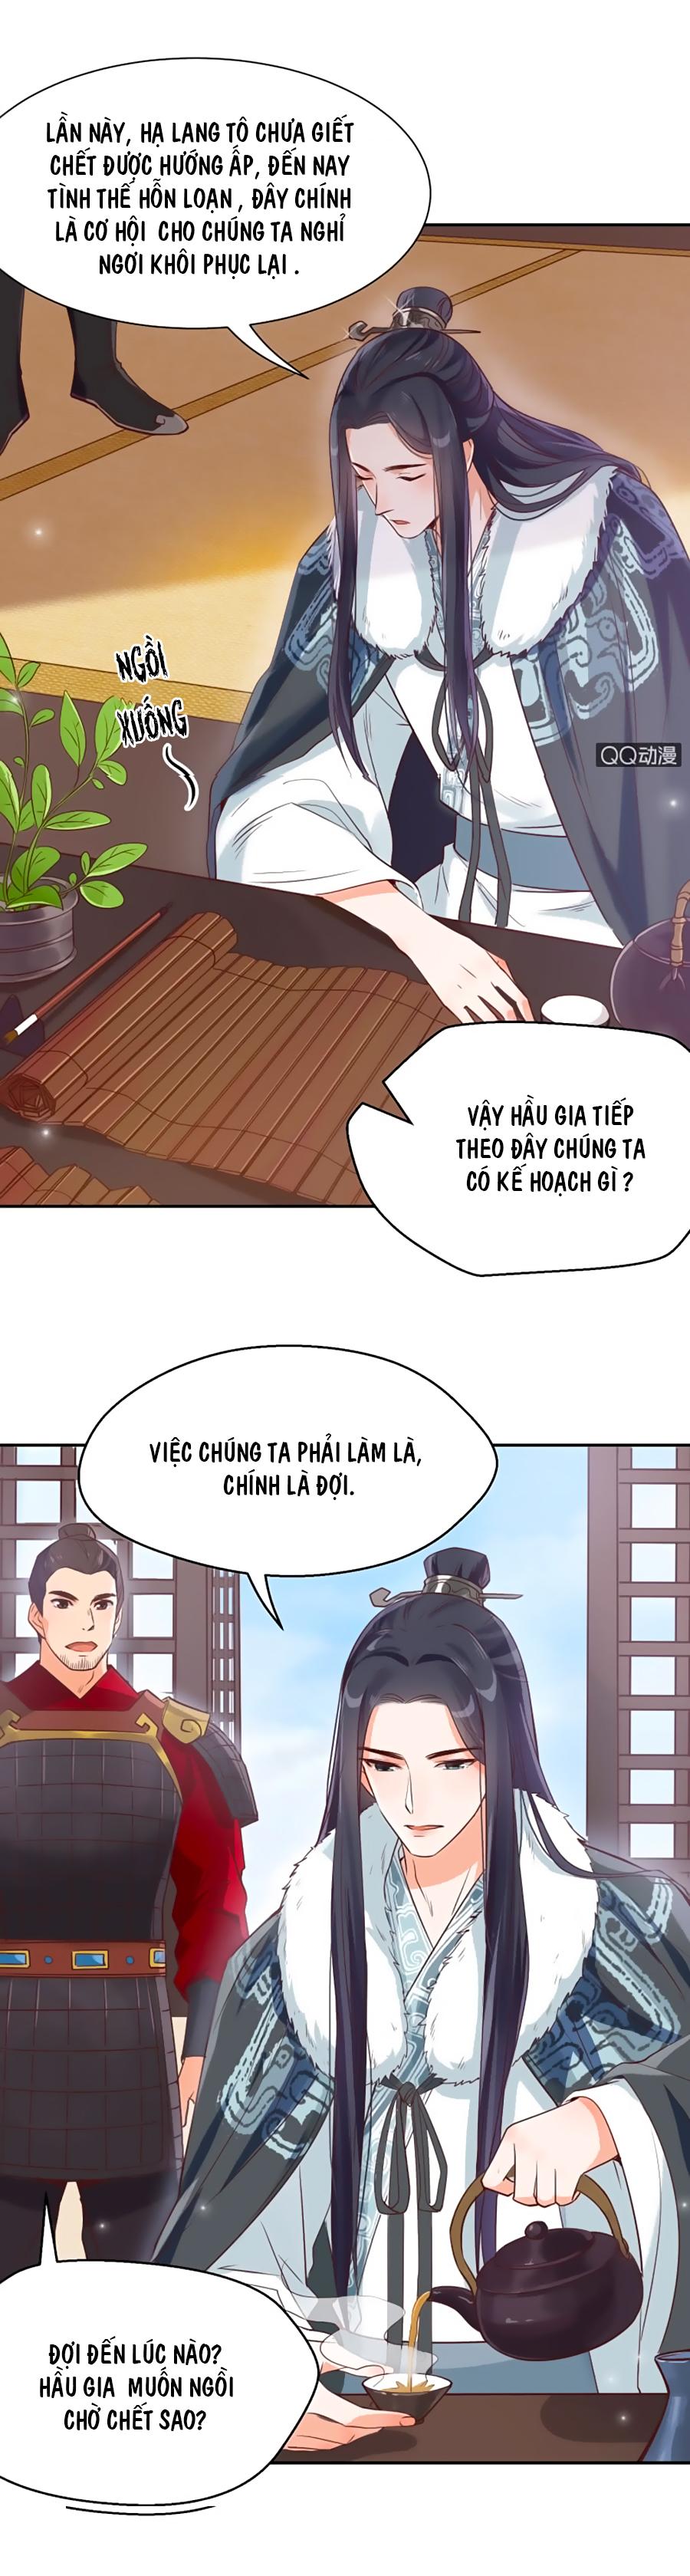 Phượng Khởi Hoa Tàng chap 6 - Trang 3